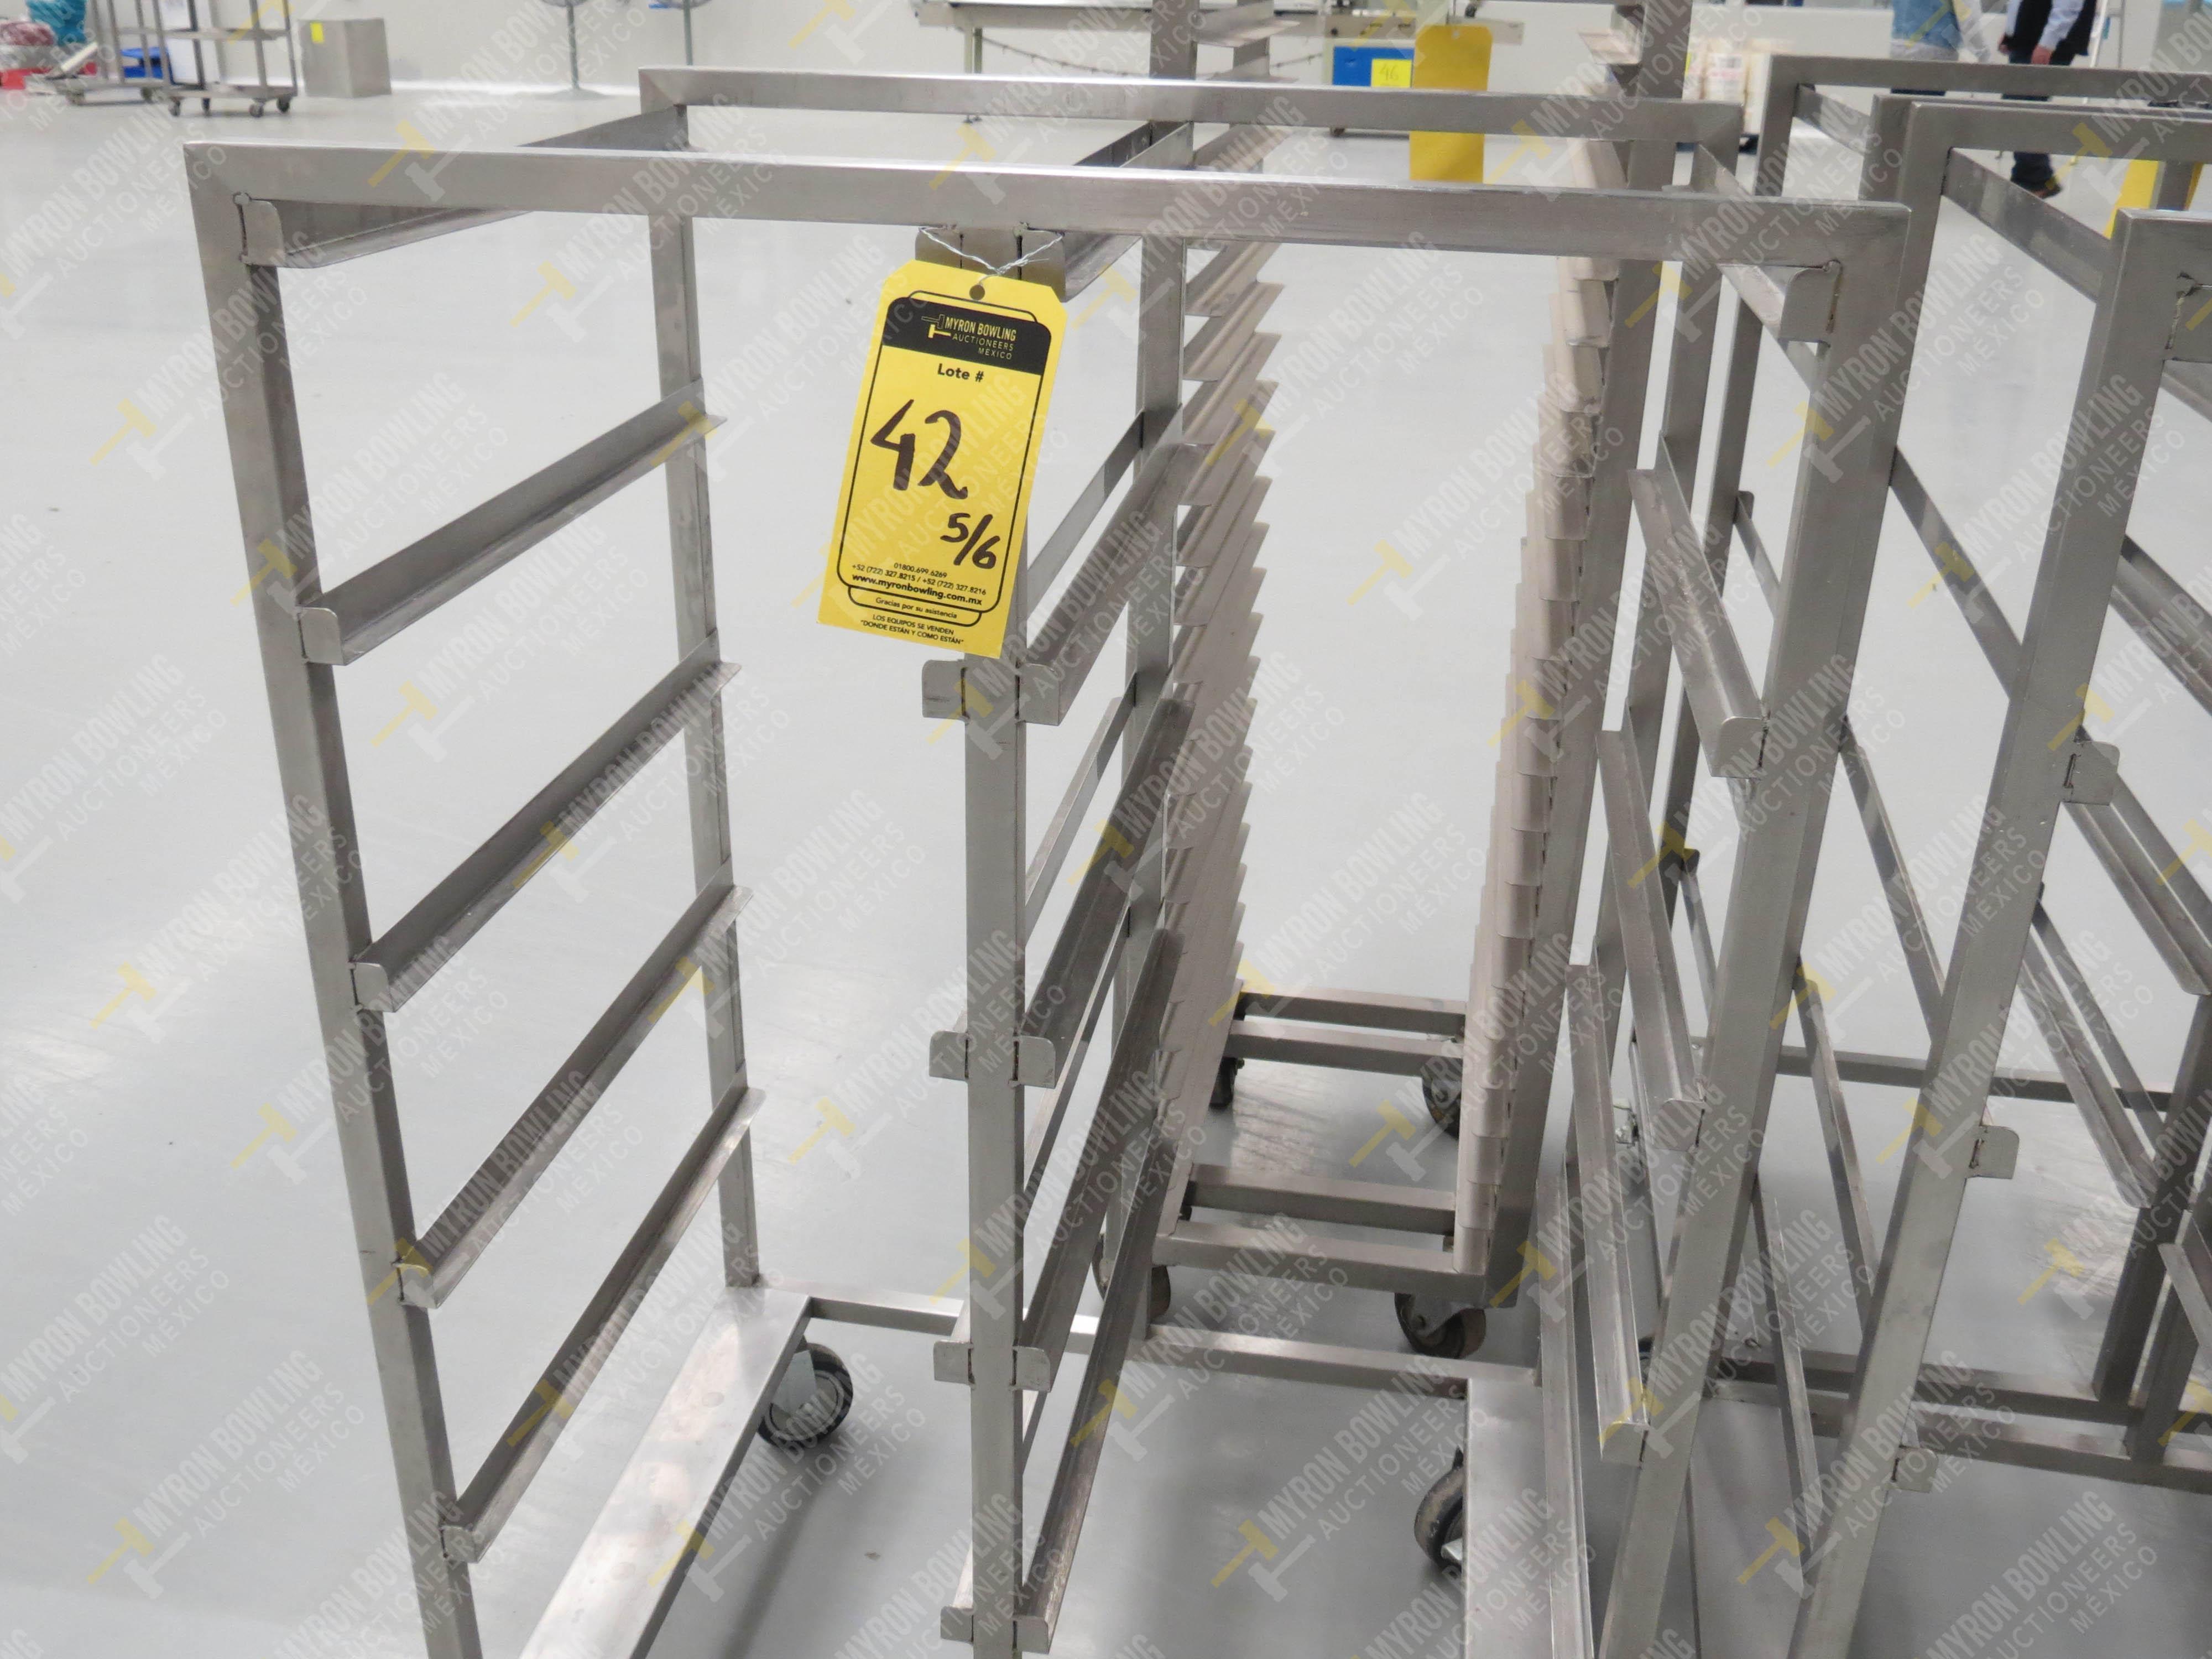 Túnel de congelación de alimentos marca Criocabin, Modelo G130020, No. de Serie 29535666 … - Image 10 of 12